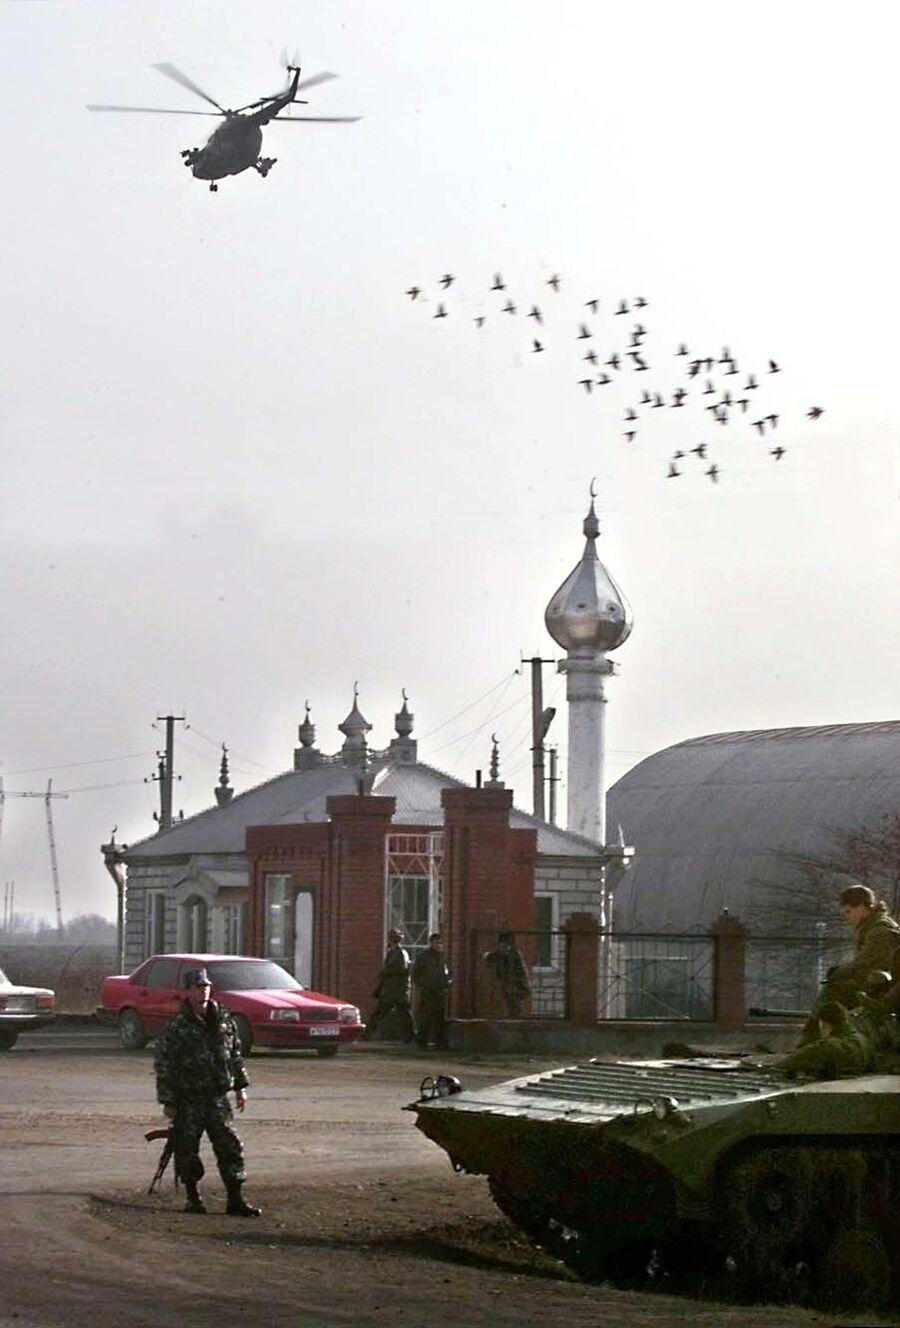 Российский вертолет над станицей Нестеровская, недалеко от чечено-ингушской границы, 2 января 2000 года